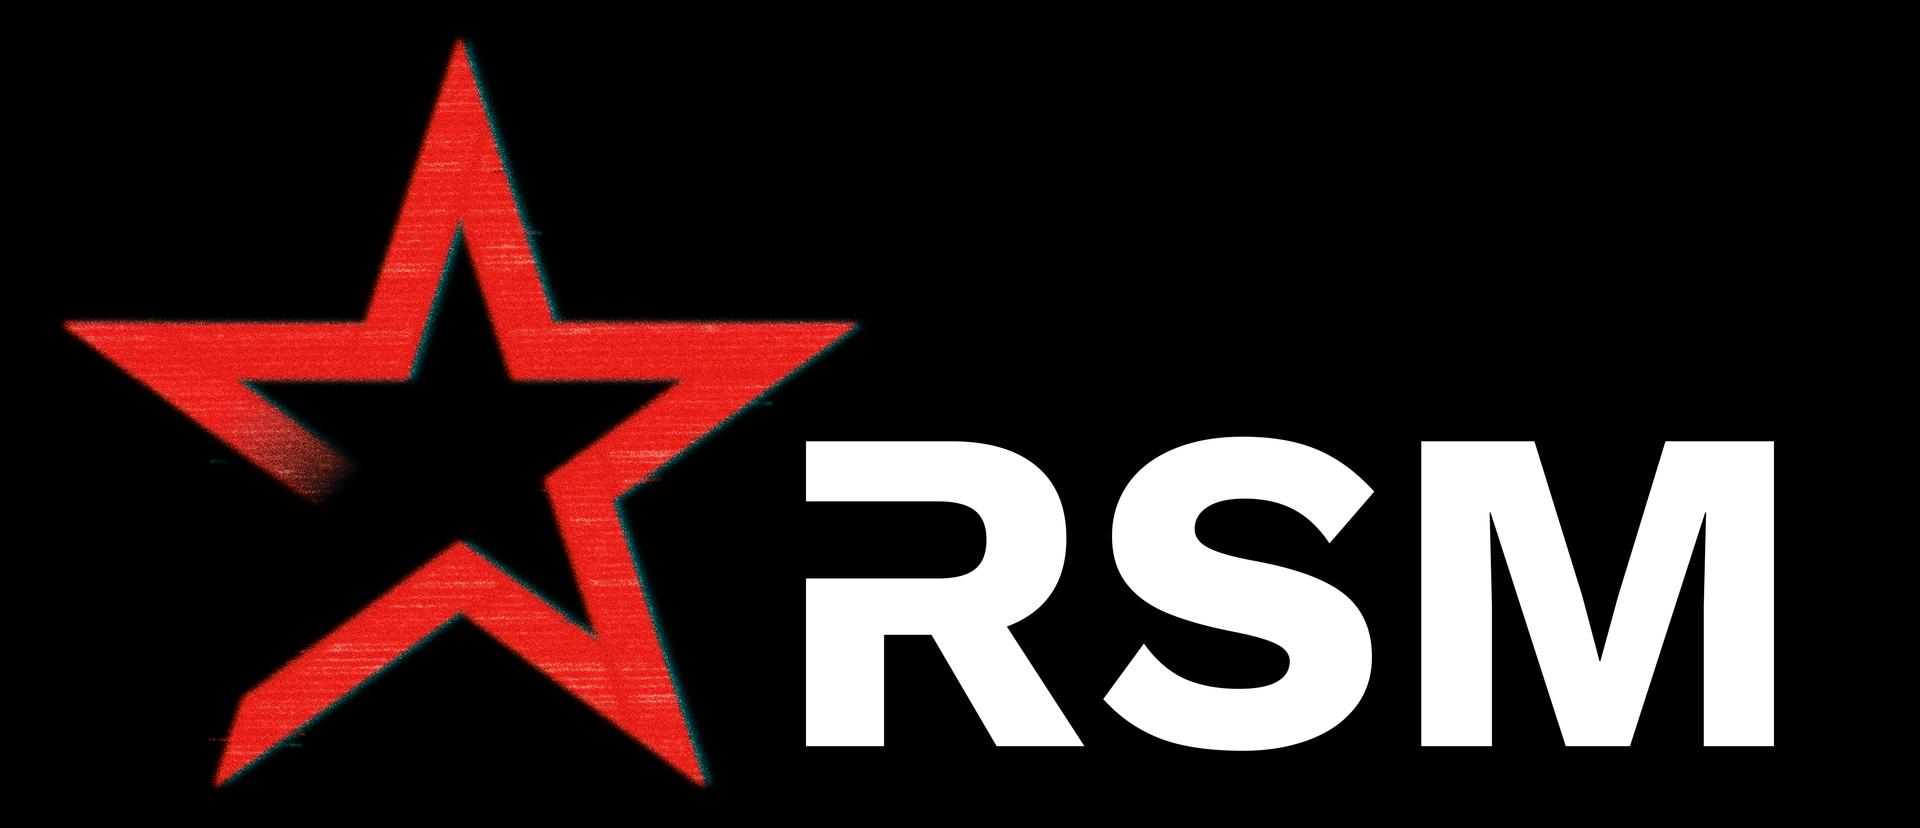 RSM_-_Full_Logo_-_Effects.jpg?1591907157